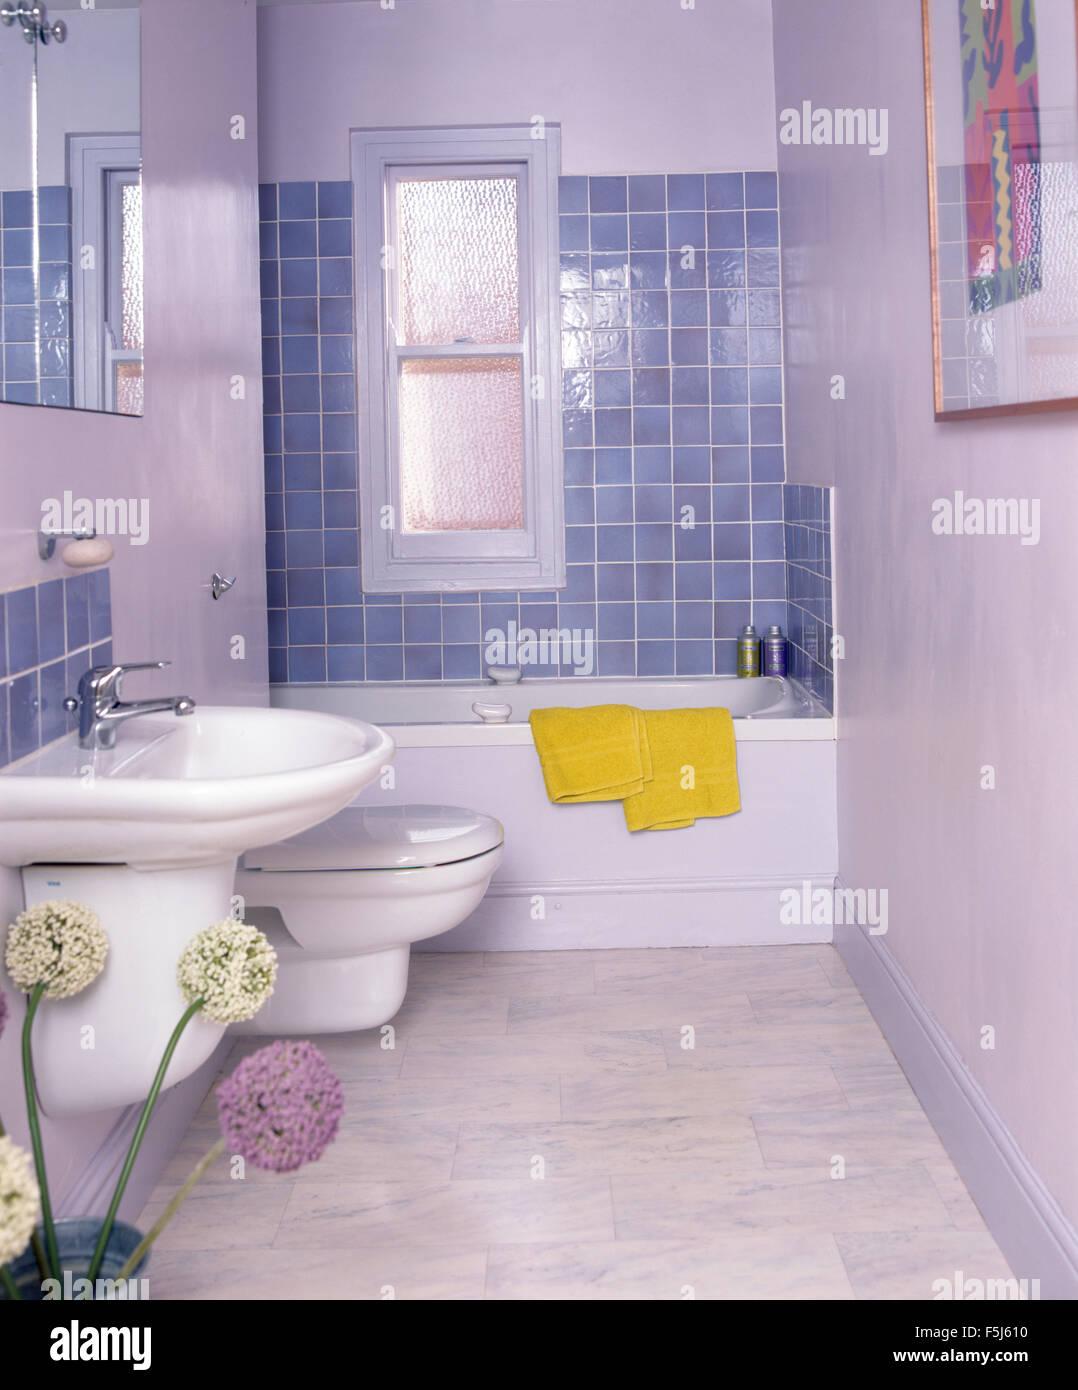 Wand Montiert Becken In Einem Weissen Wirtschaft Stil Badezimmer Mit